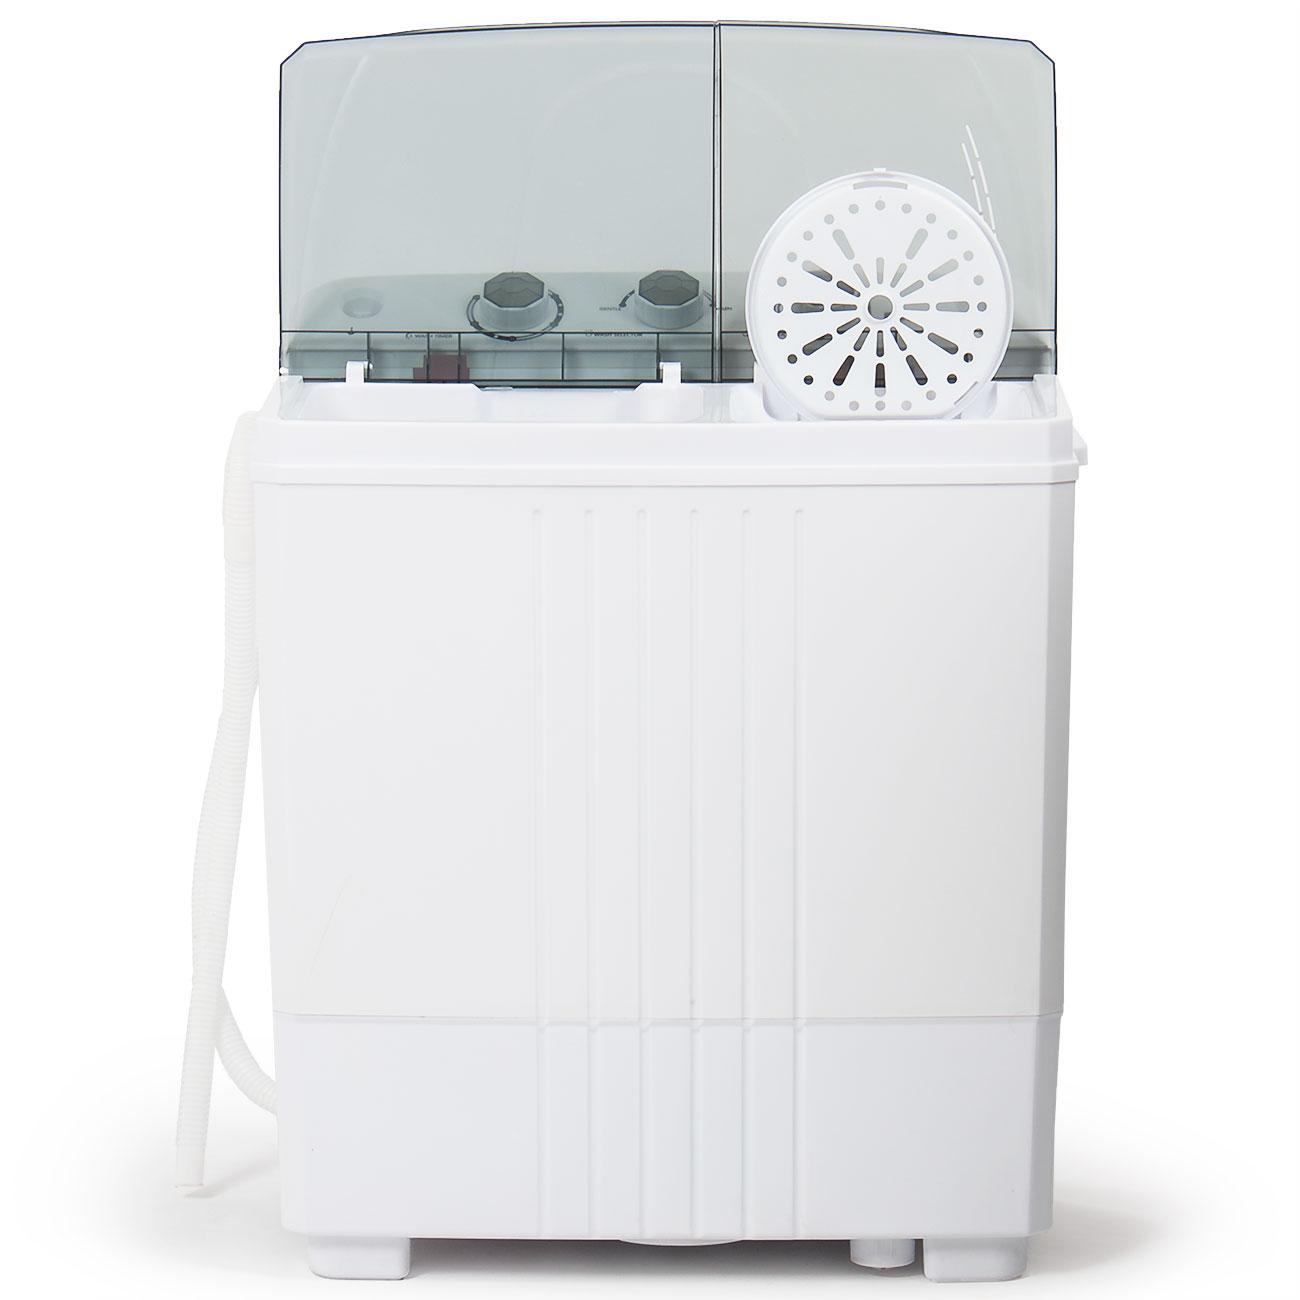 Electric Washing Machine ~ Portable electric washing machine kg dual wash spin